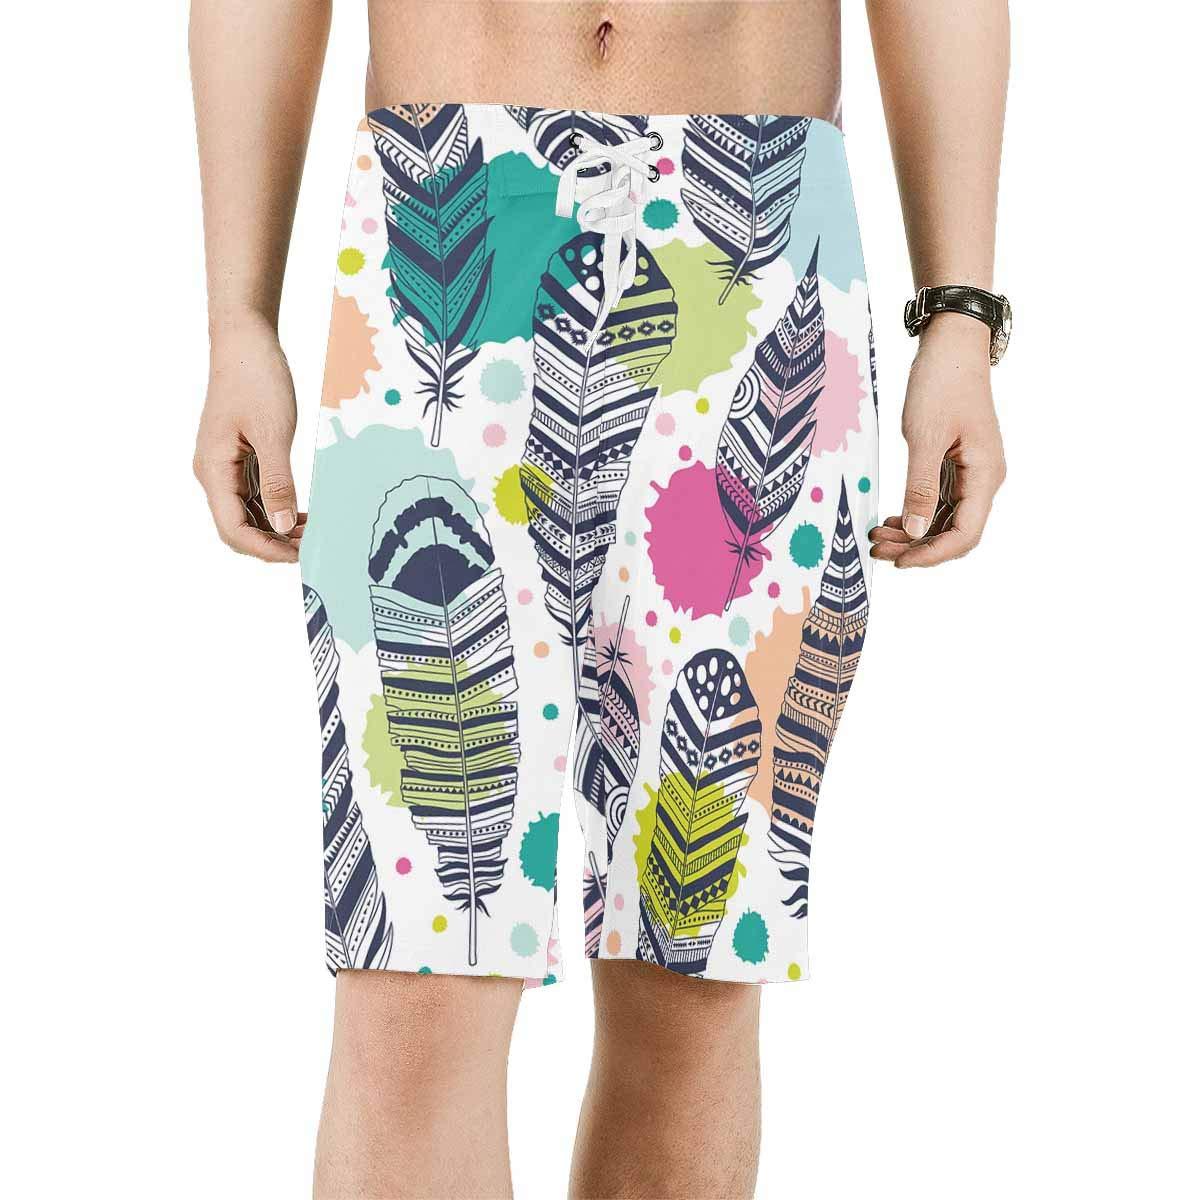 INTERESTPRINT Mens Printed Board Shorts Loose Fit Quick Dry No Mesh Lining